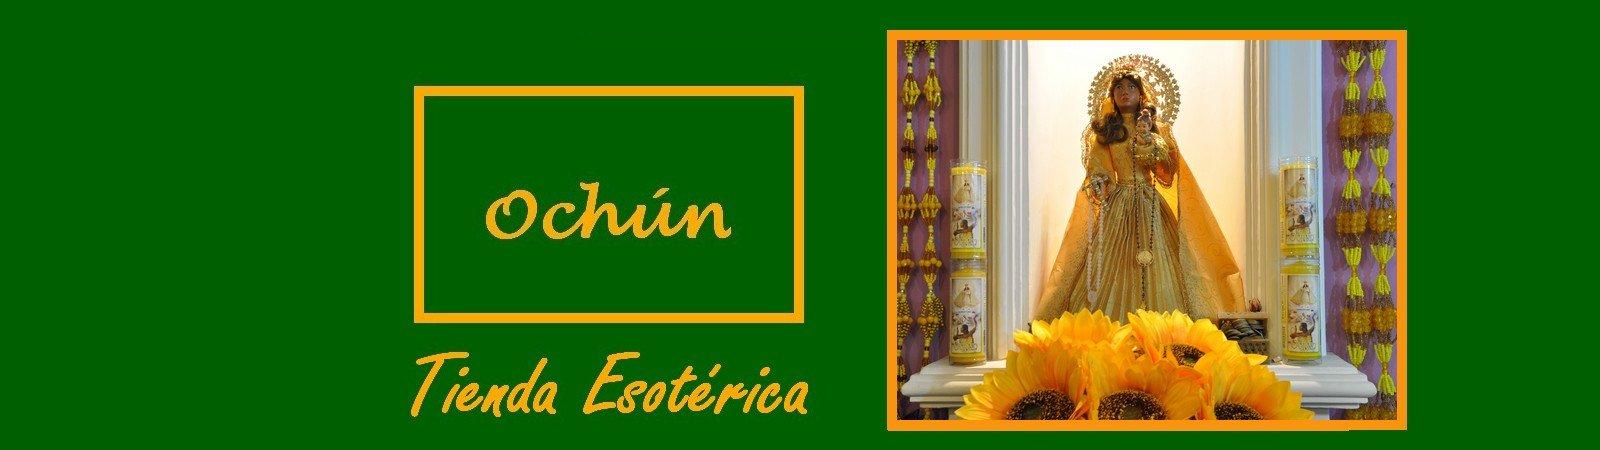 esoterismo en palma de mallorca, tarot, santeria